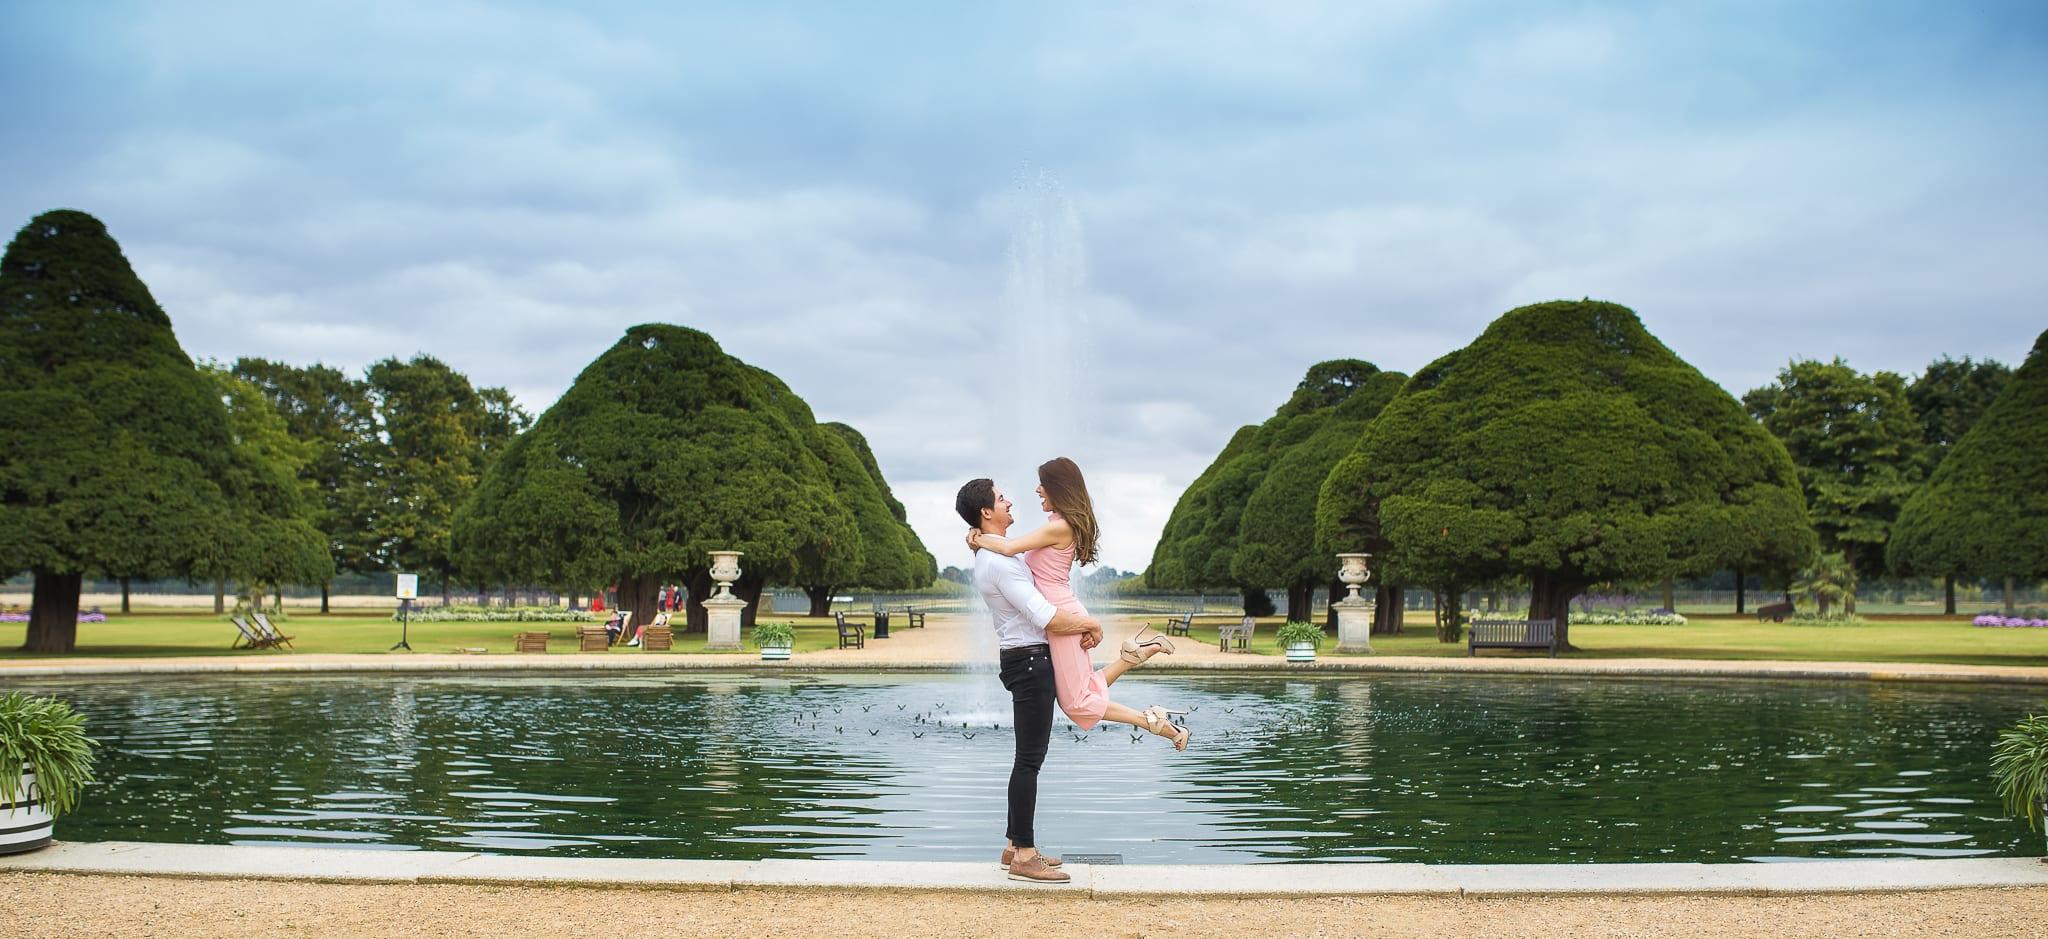 Best Wedding Destination Photographer Philippines